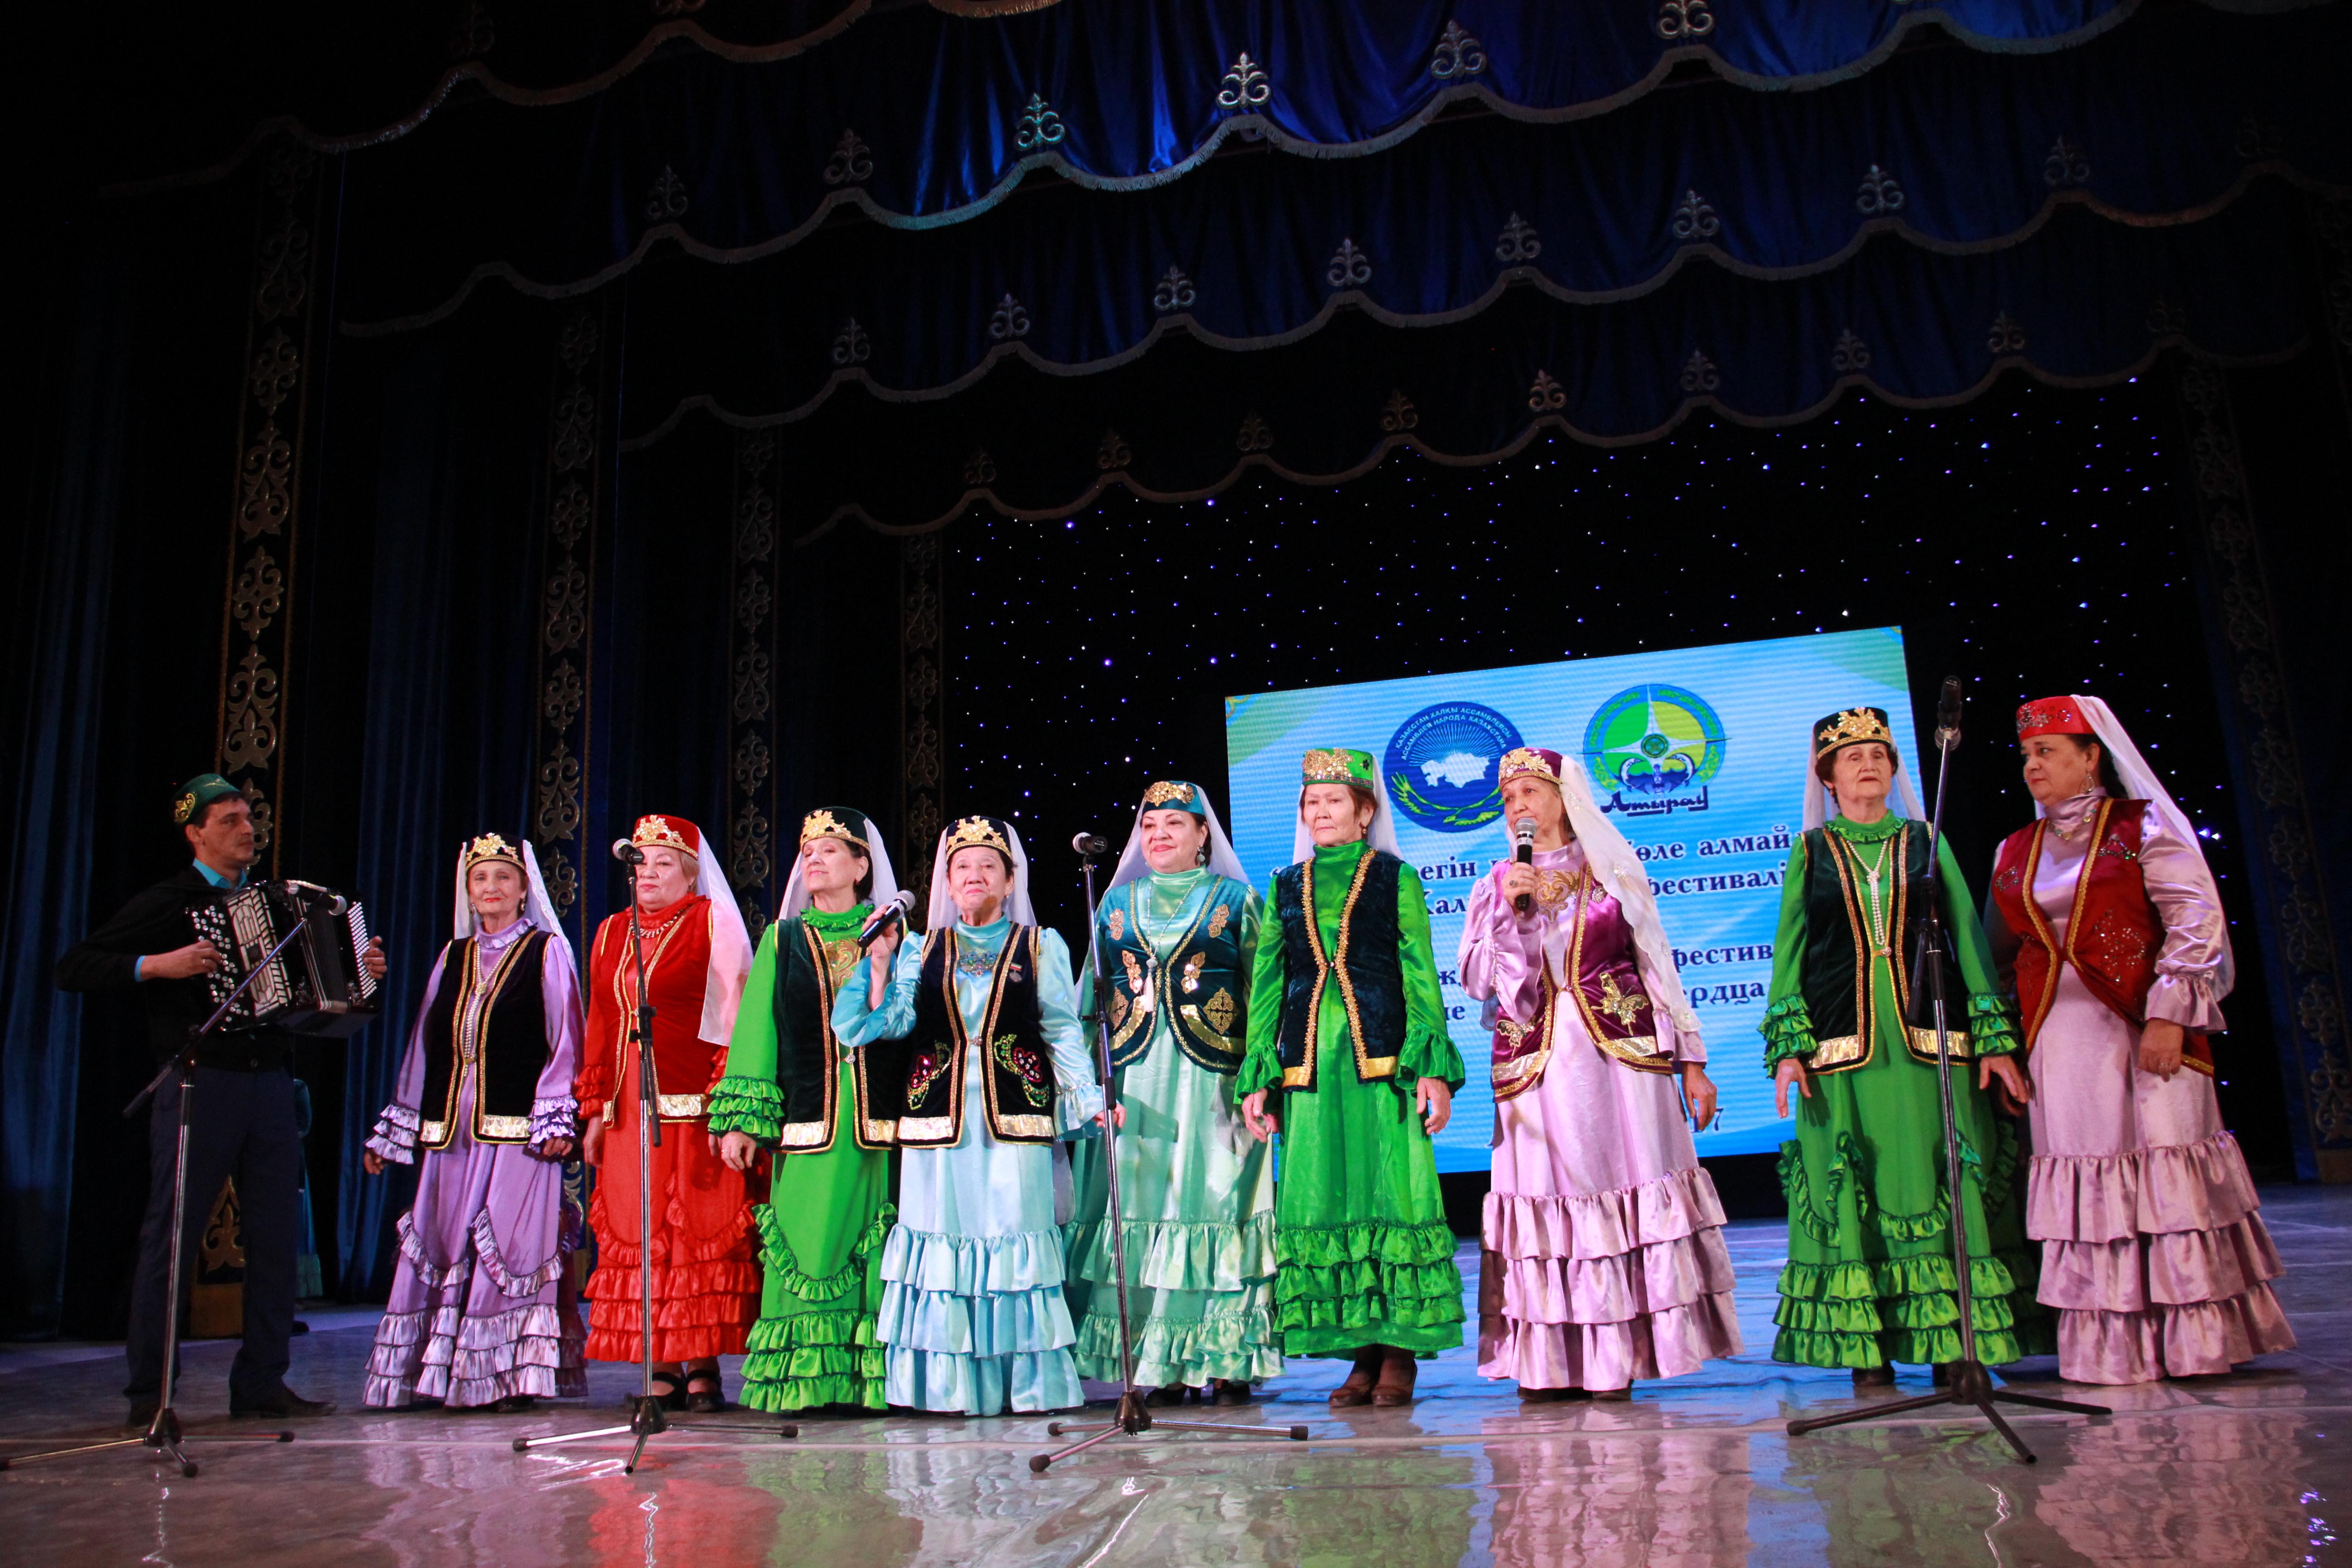 Астраханские коллективы выступили на Международном фестивале  в г. Атырау